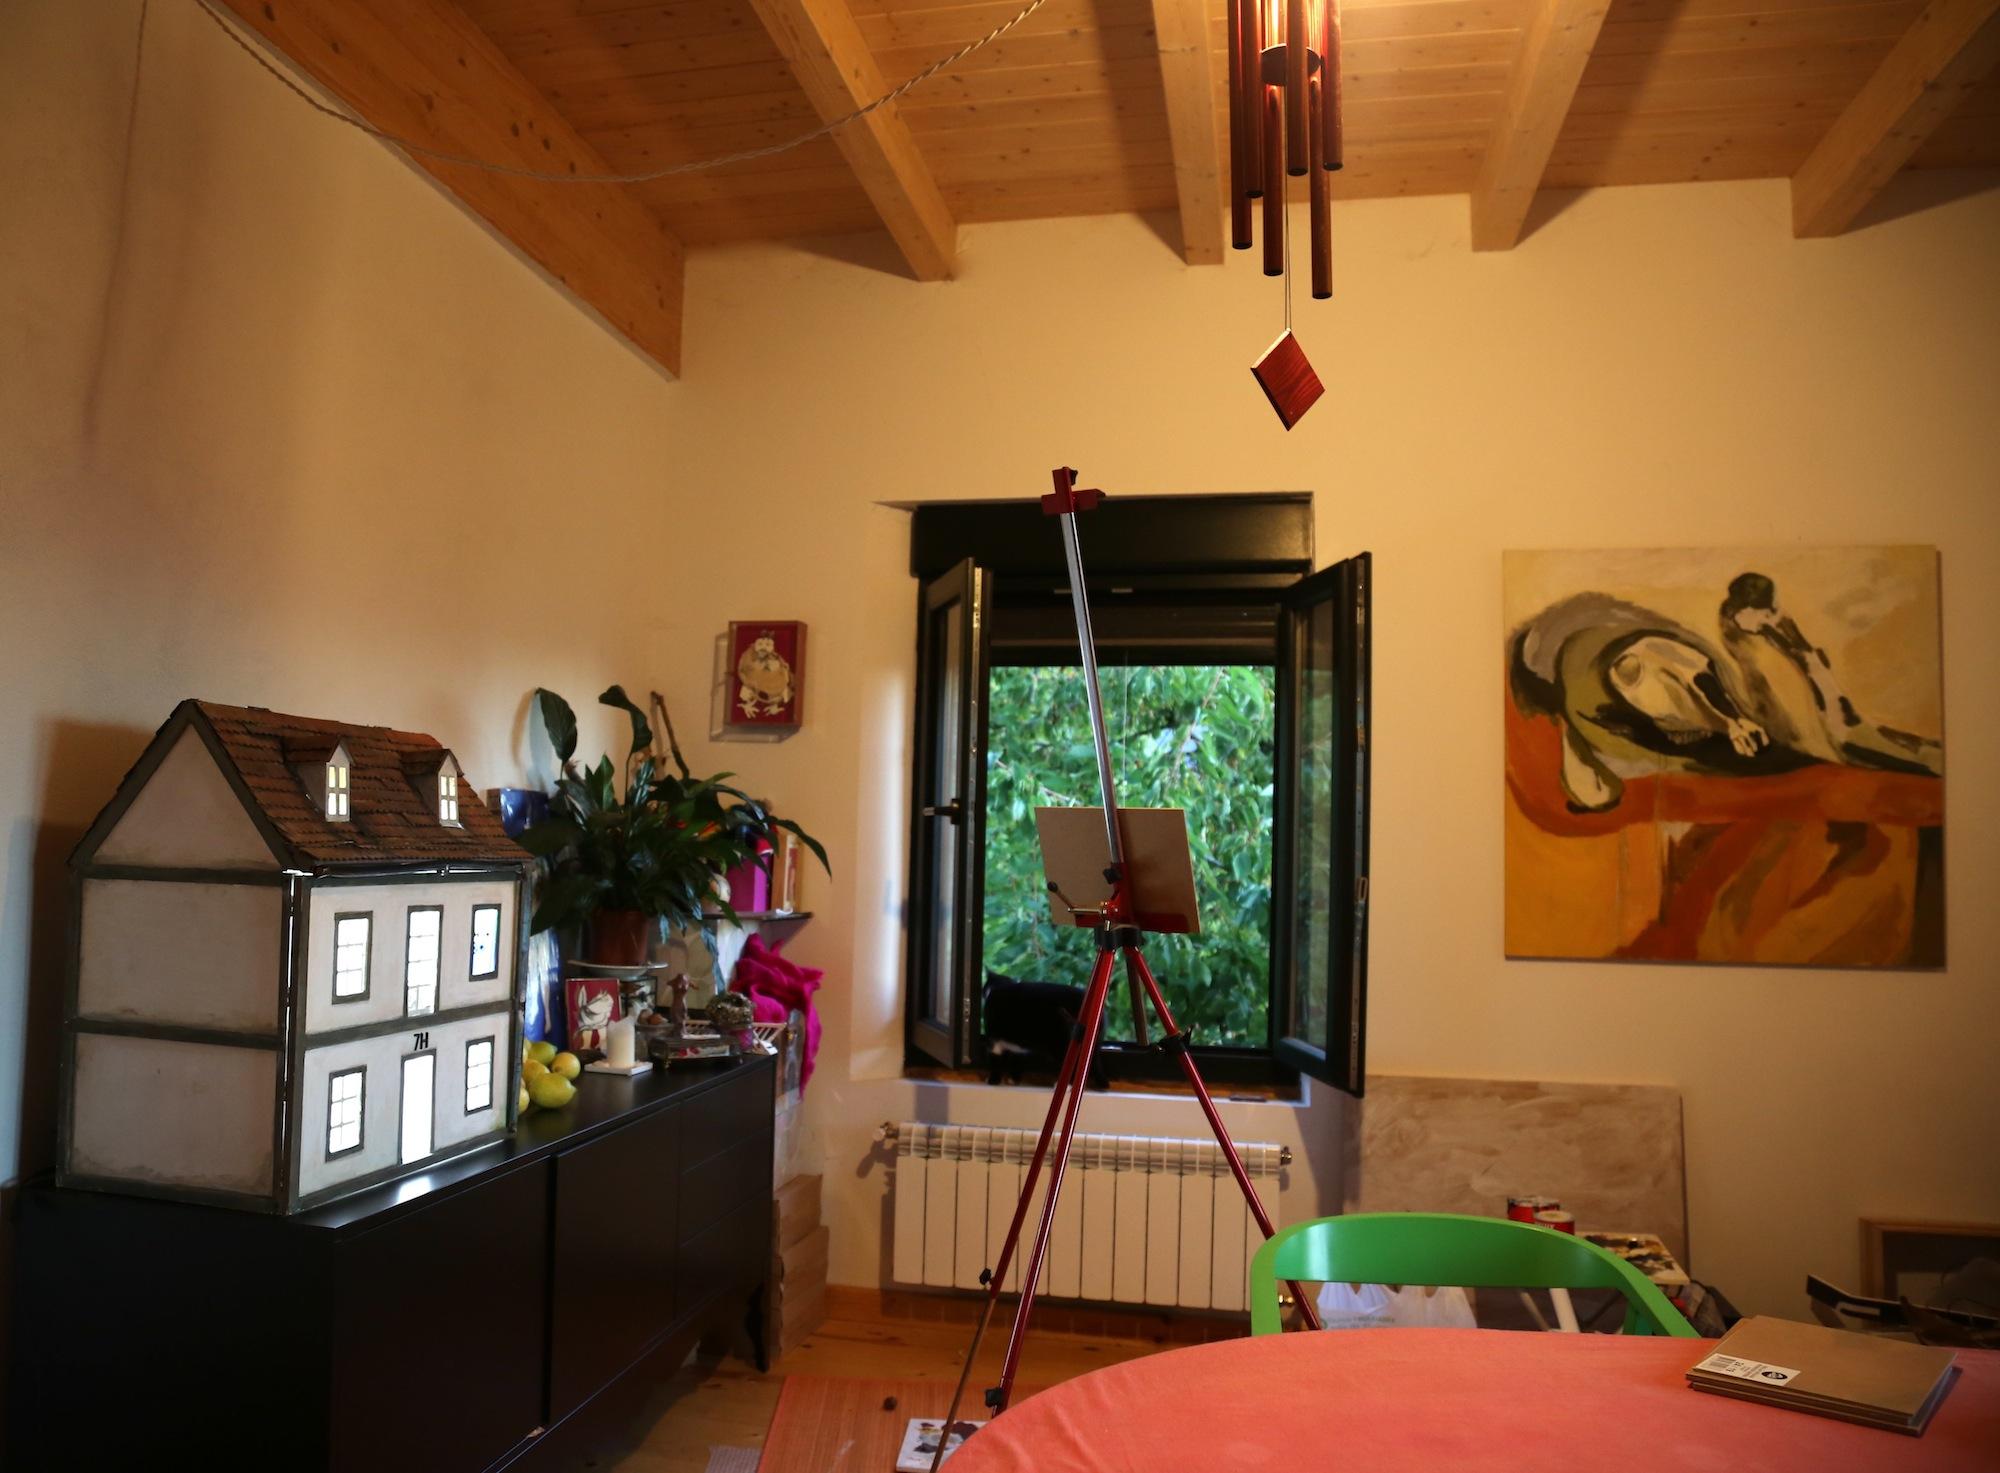 Quiero pintar mi casa cheap benjamin moore flint pintar - Quiero pintar mi casa ...